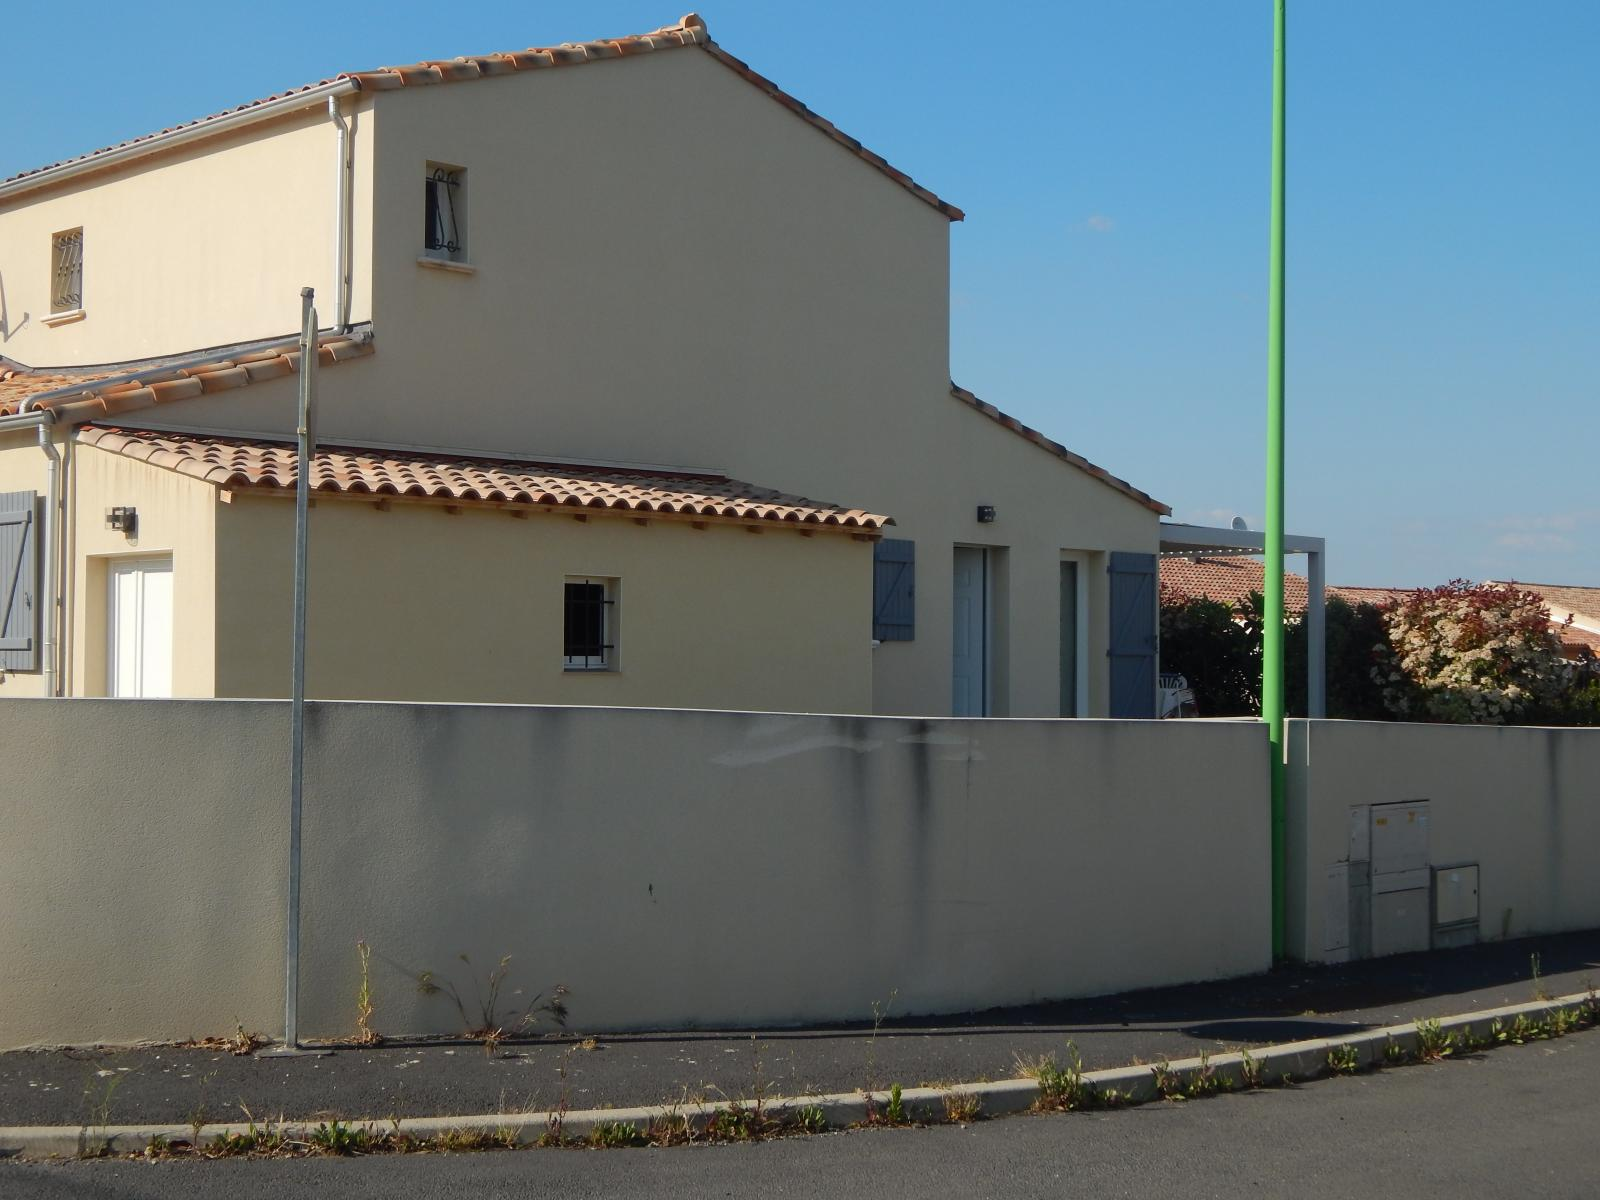 Annonce location maison roujan 34320 103 m 238 000 for Annonce location maison